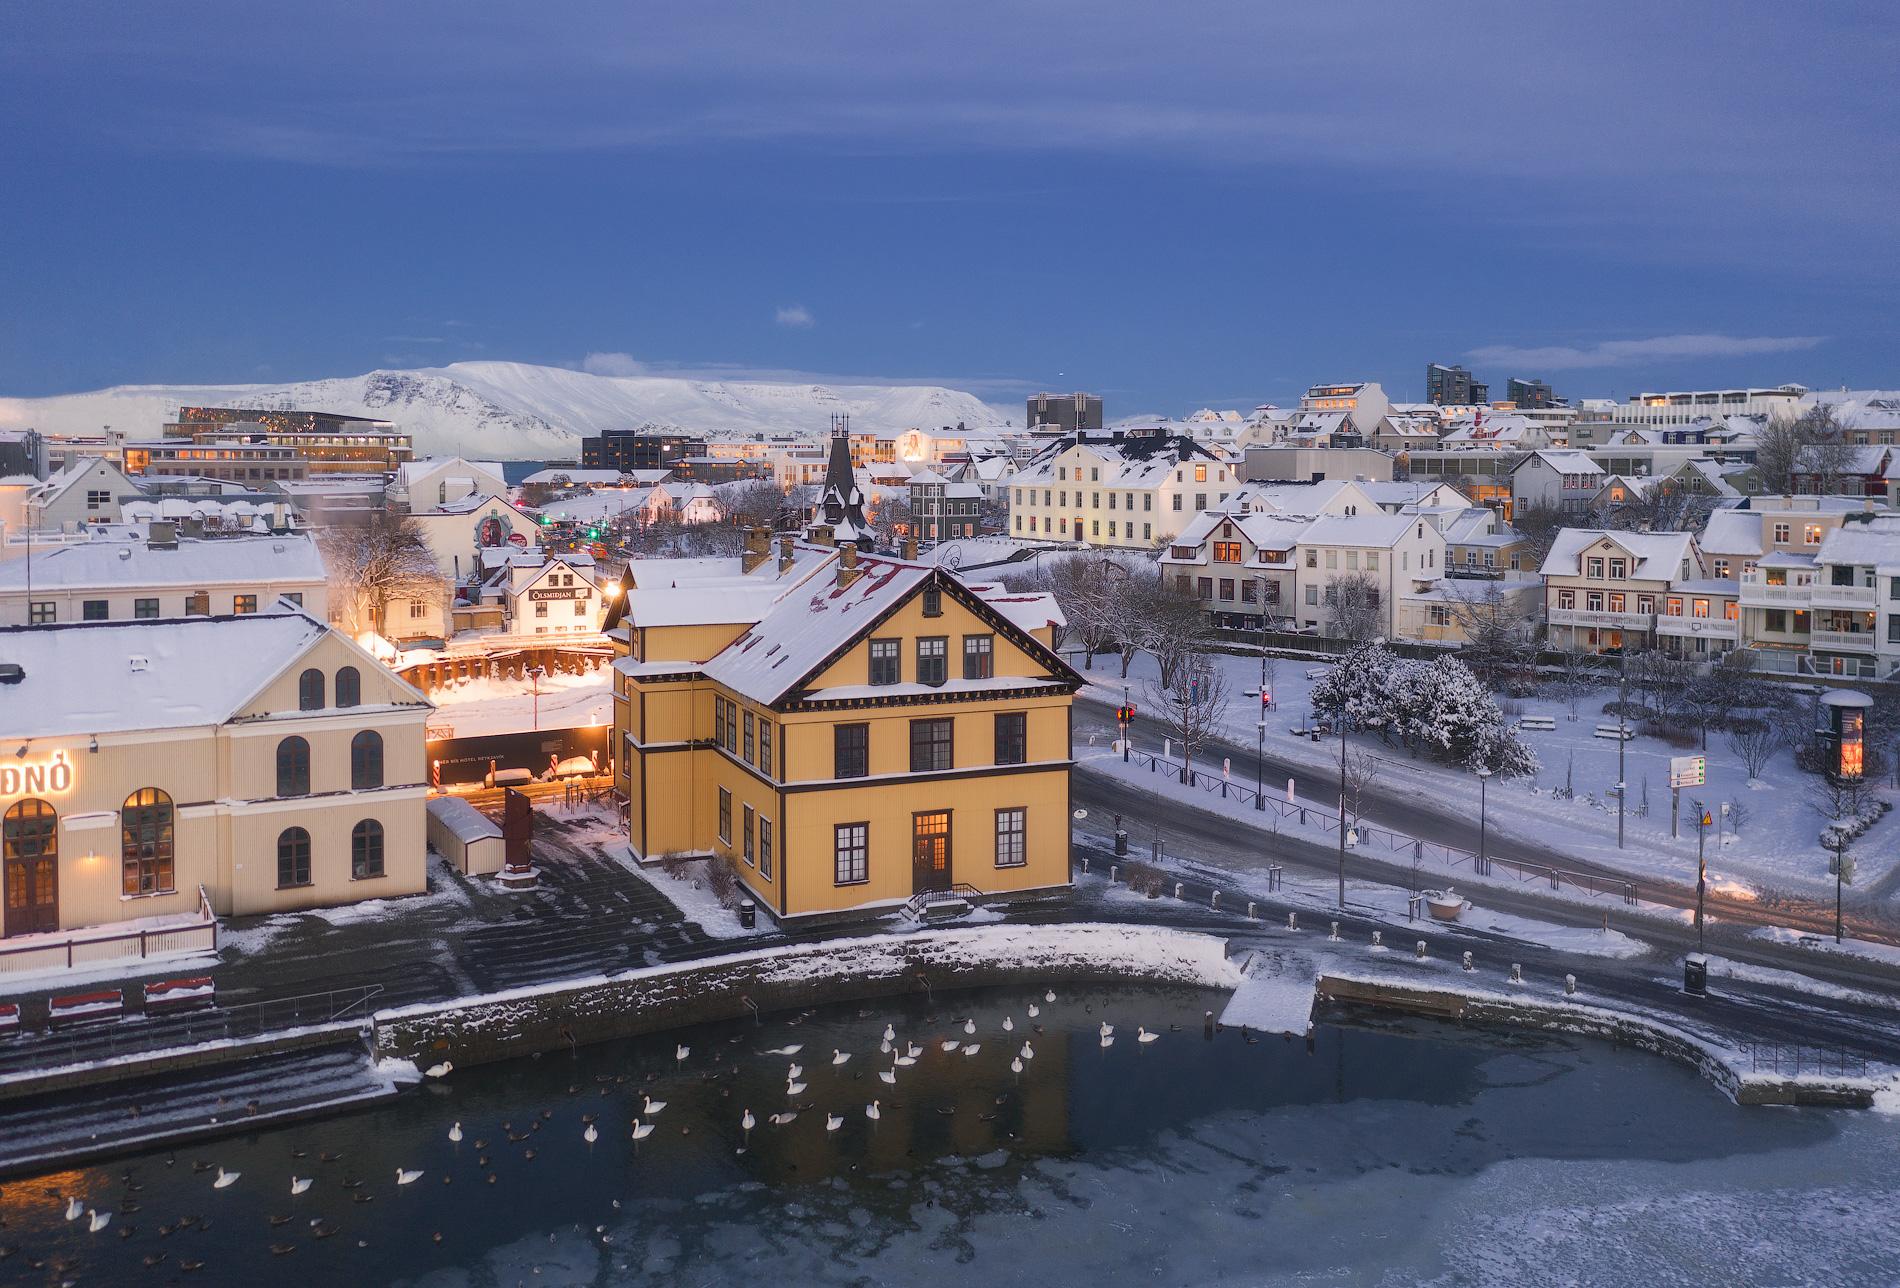 ใจกลางเมืองเรคยาวิกที่มีหิมะฟุ้งกระจาย.